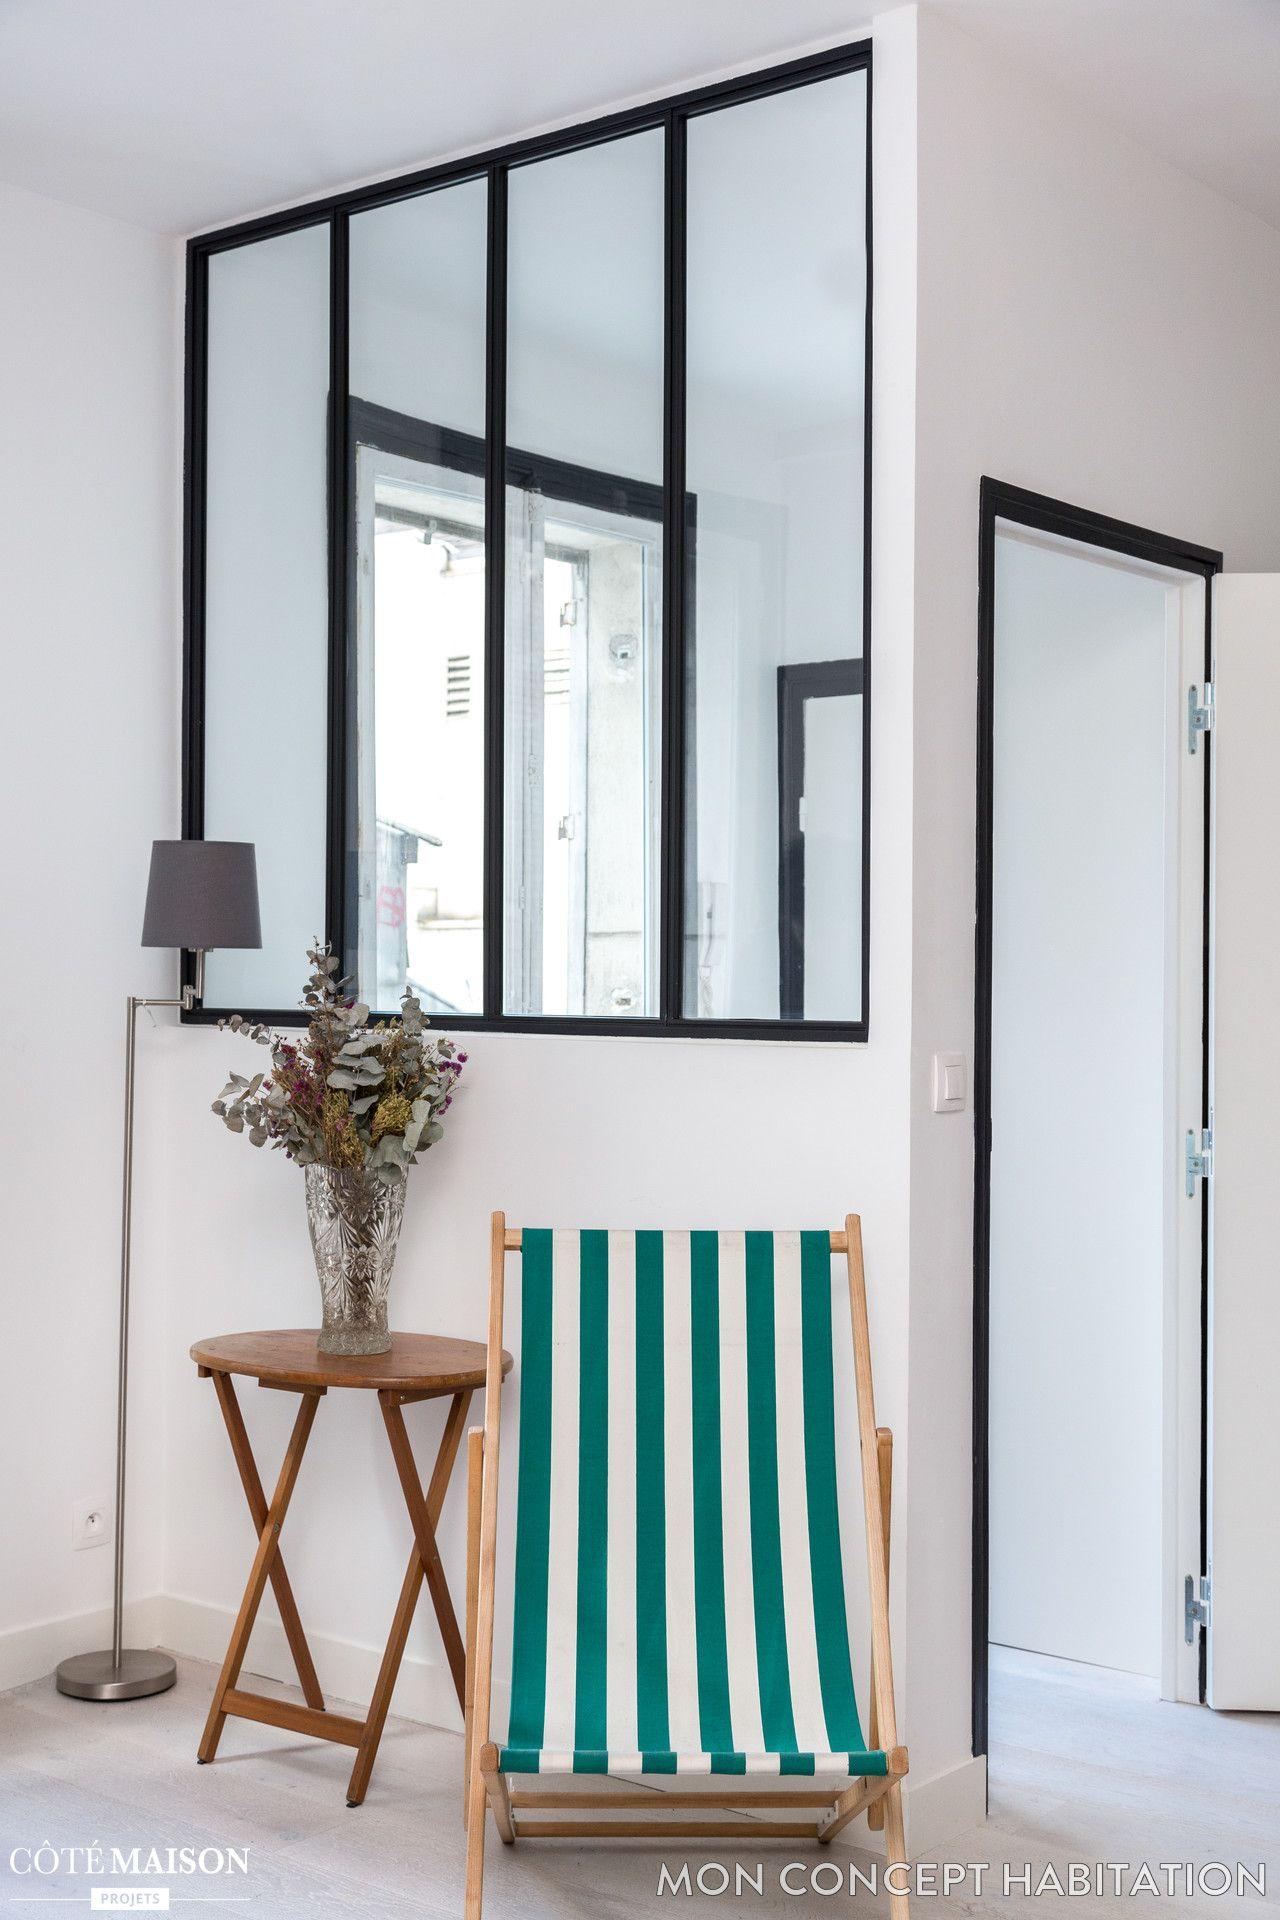 Une Verriere D Interieur Pour Plus De Luminosite Salle De Bain Sans Fenetre Interieur Maison Fenetre Parisienne